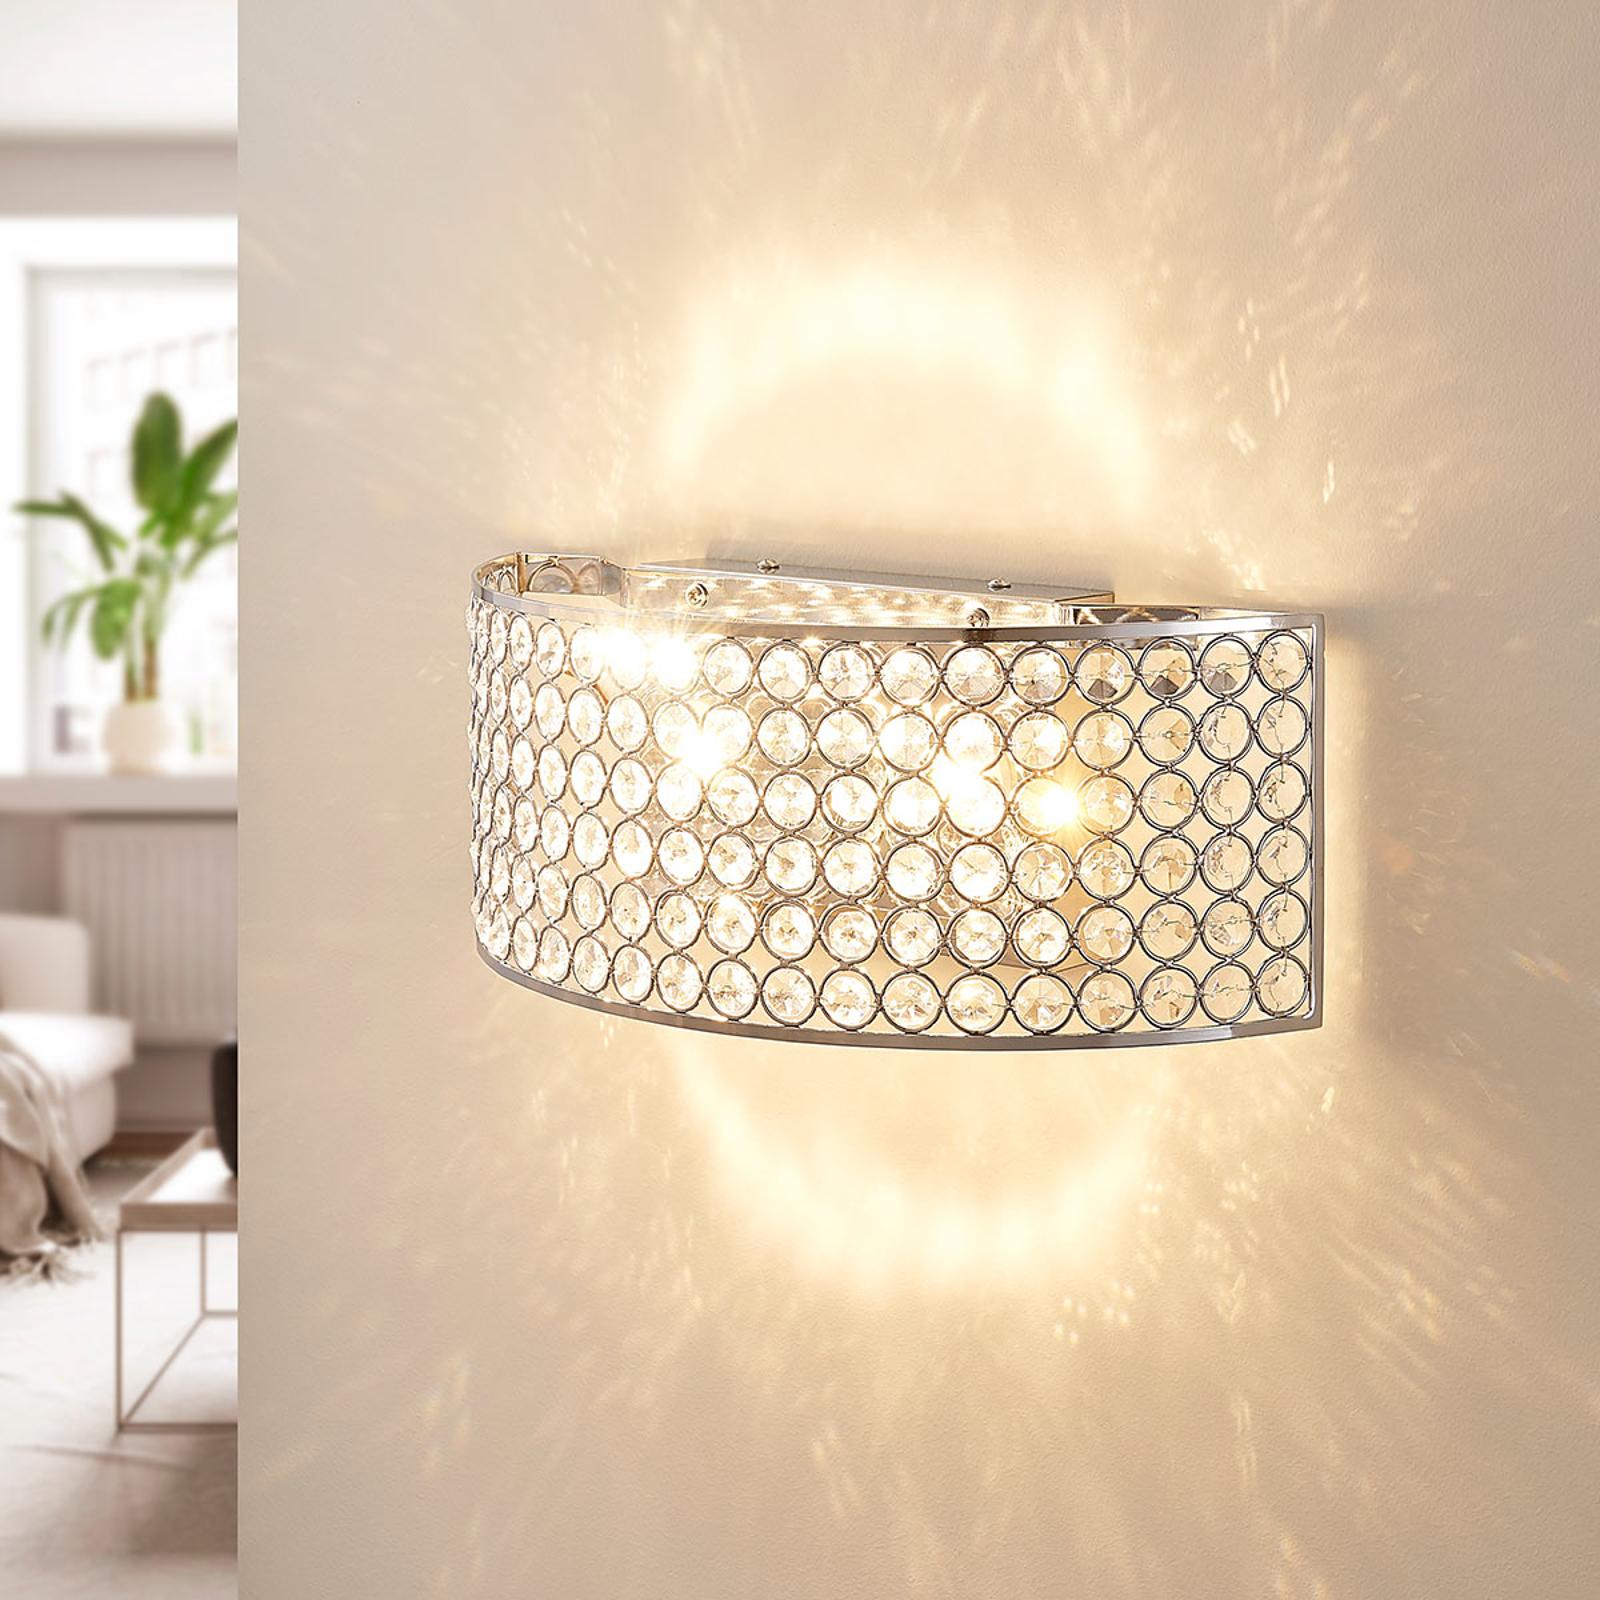 Lampa ścienna LED Alizee z kryształkami, chrom